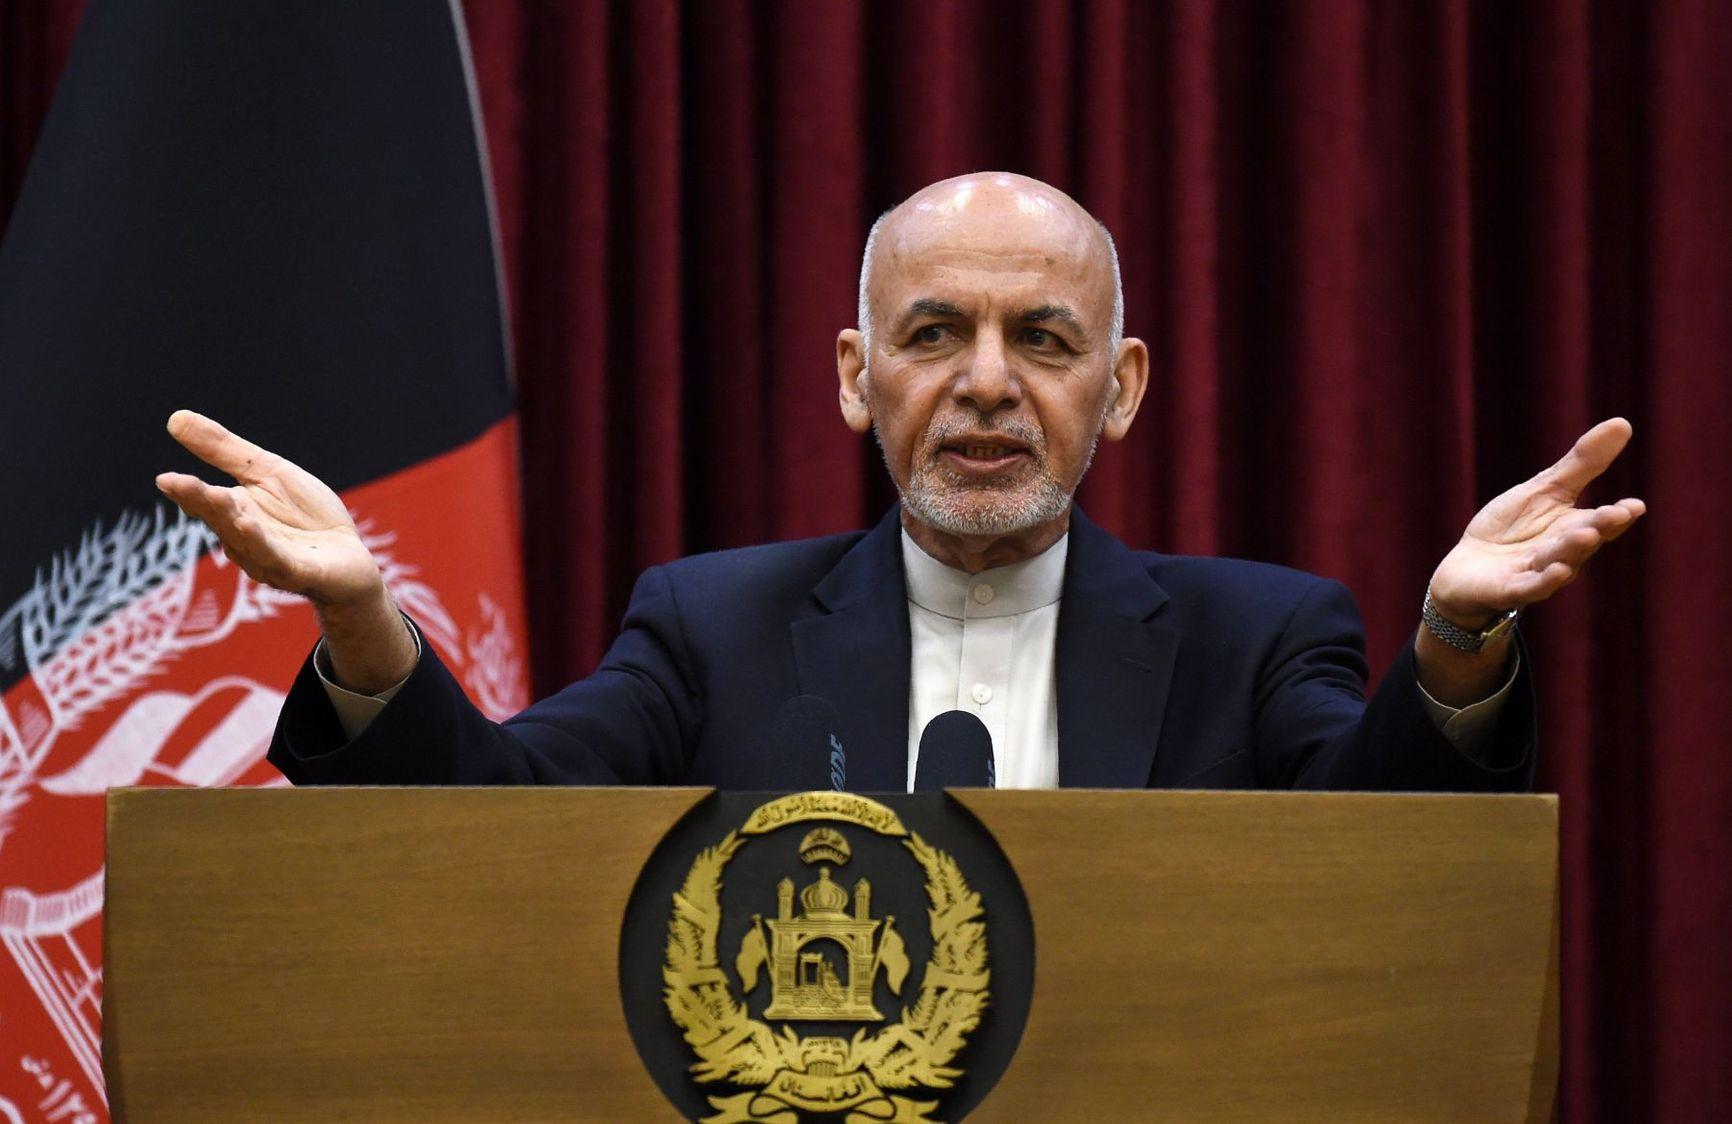 Всего около месяца назад президент Гани торжественно заявлял, что никогда не покинет Афганистан из-за талибов